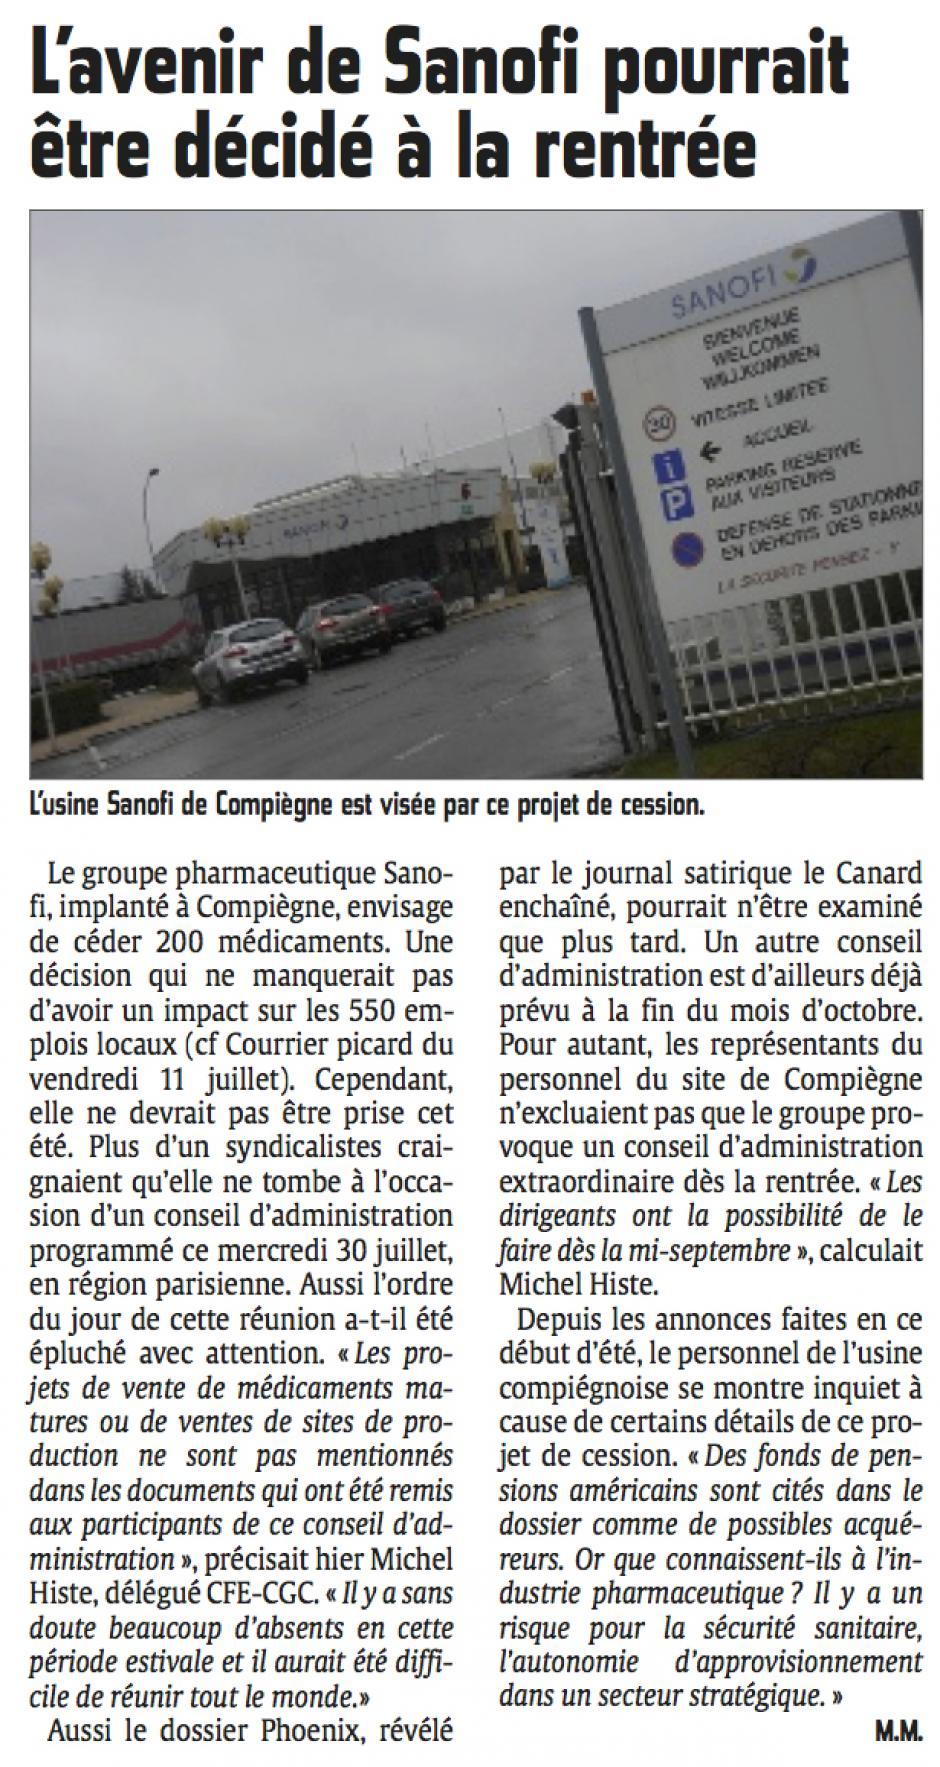 20140730-CP-Compiègne-L'avenir de Sanofi pourrait être décidé à la rentrée